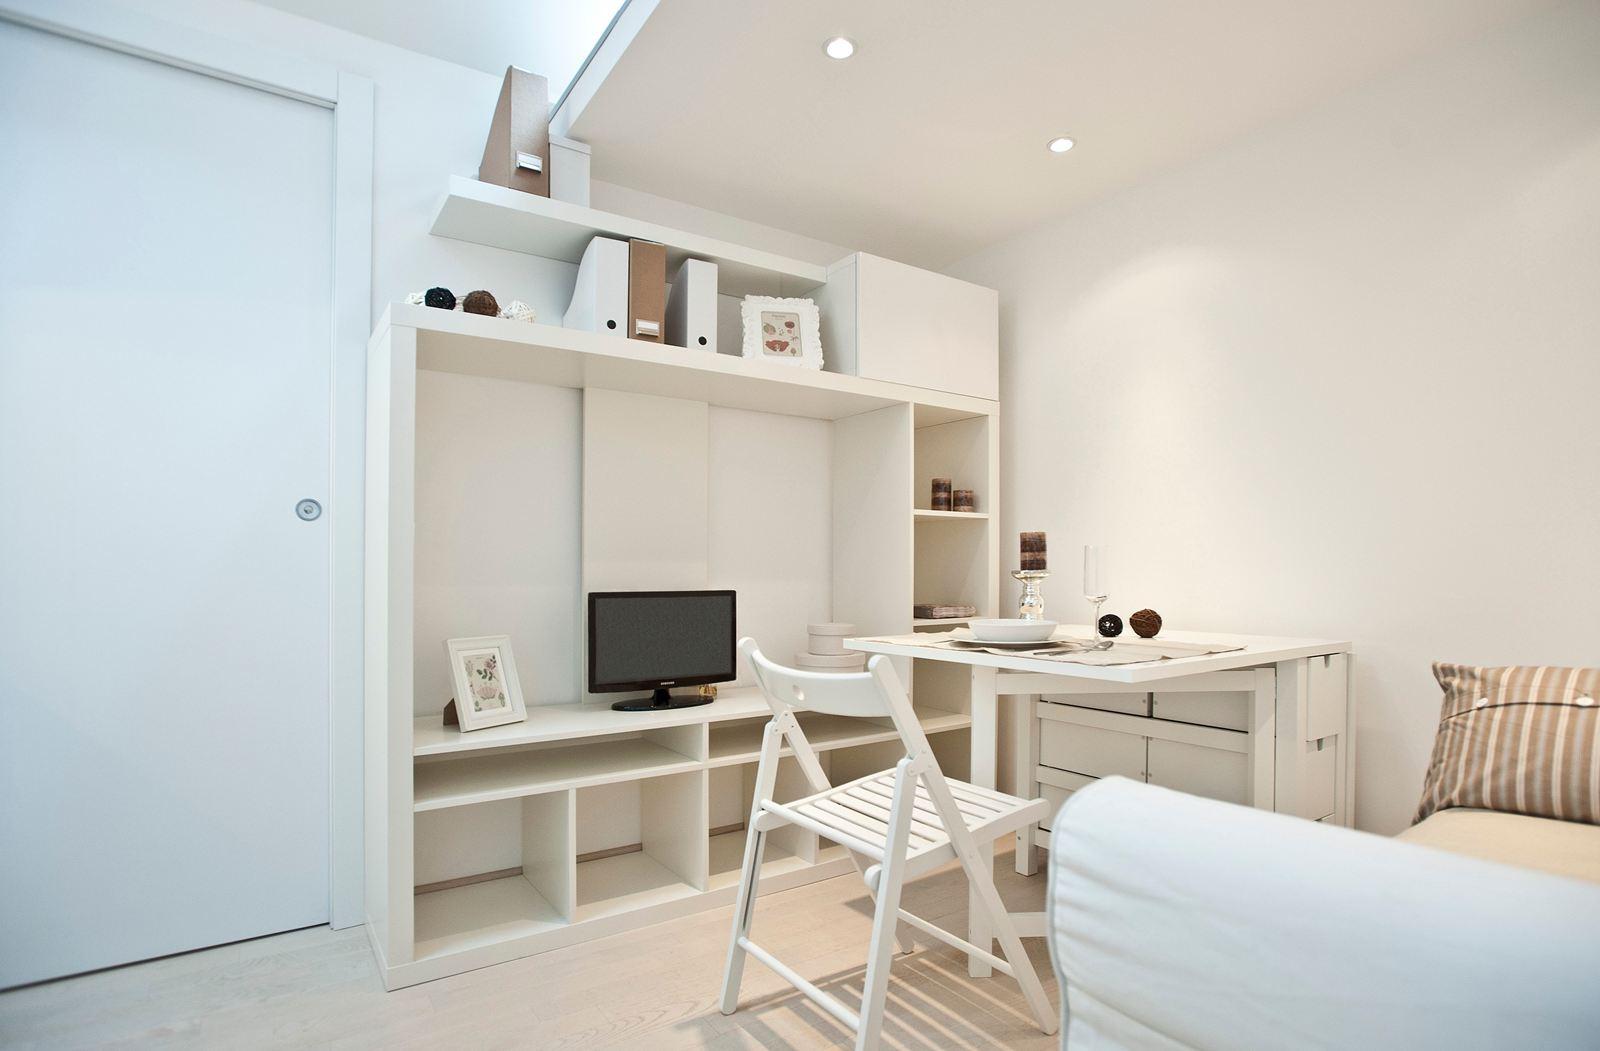 10 idee per vivere in piccoli spazi - Letto per monolocale ...